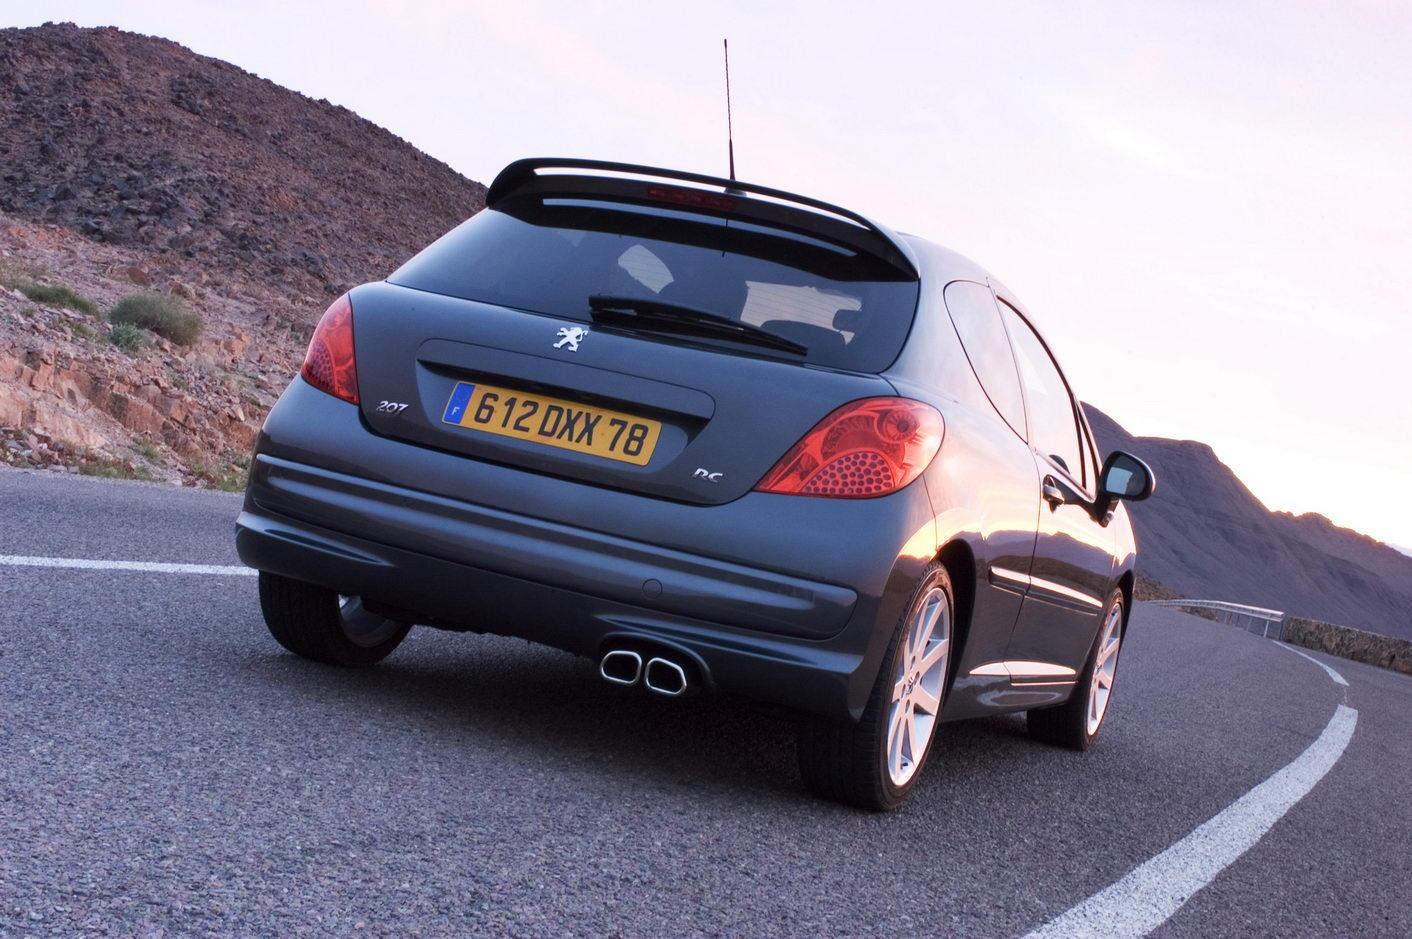 Carscoop 207RC 51 Geneva Preview: Peugeot 207 RC 1.6 Turbo 175Hp